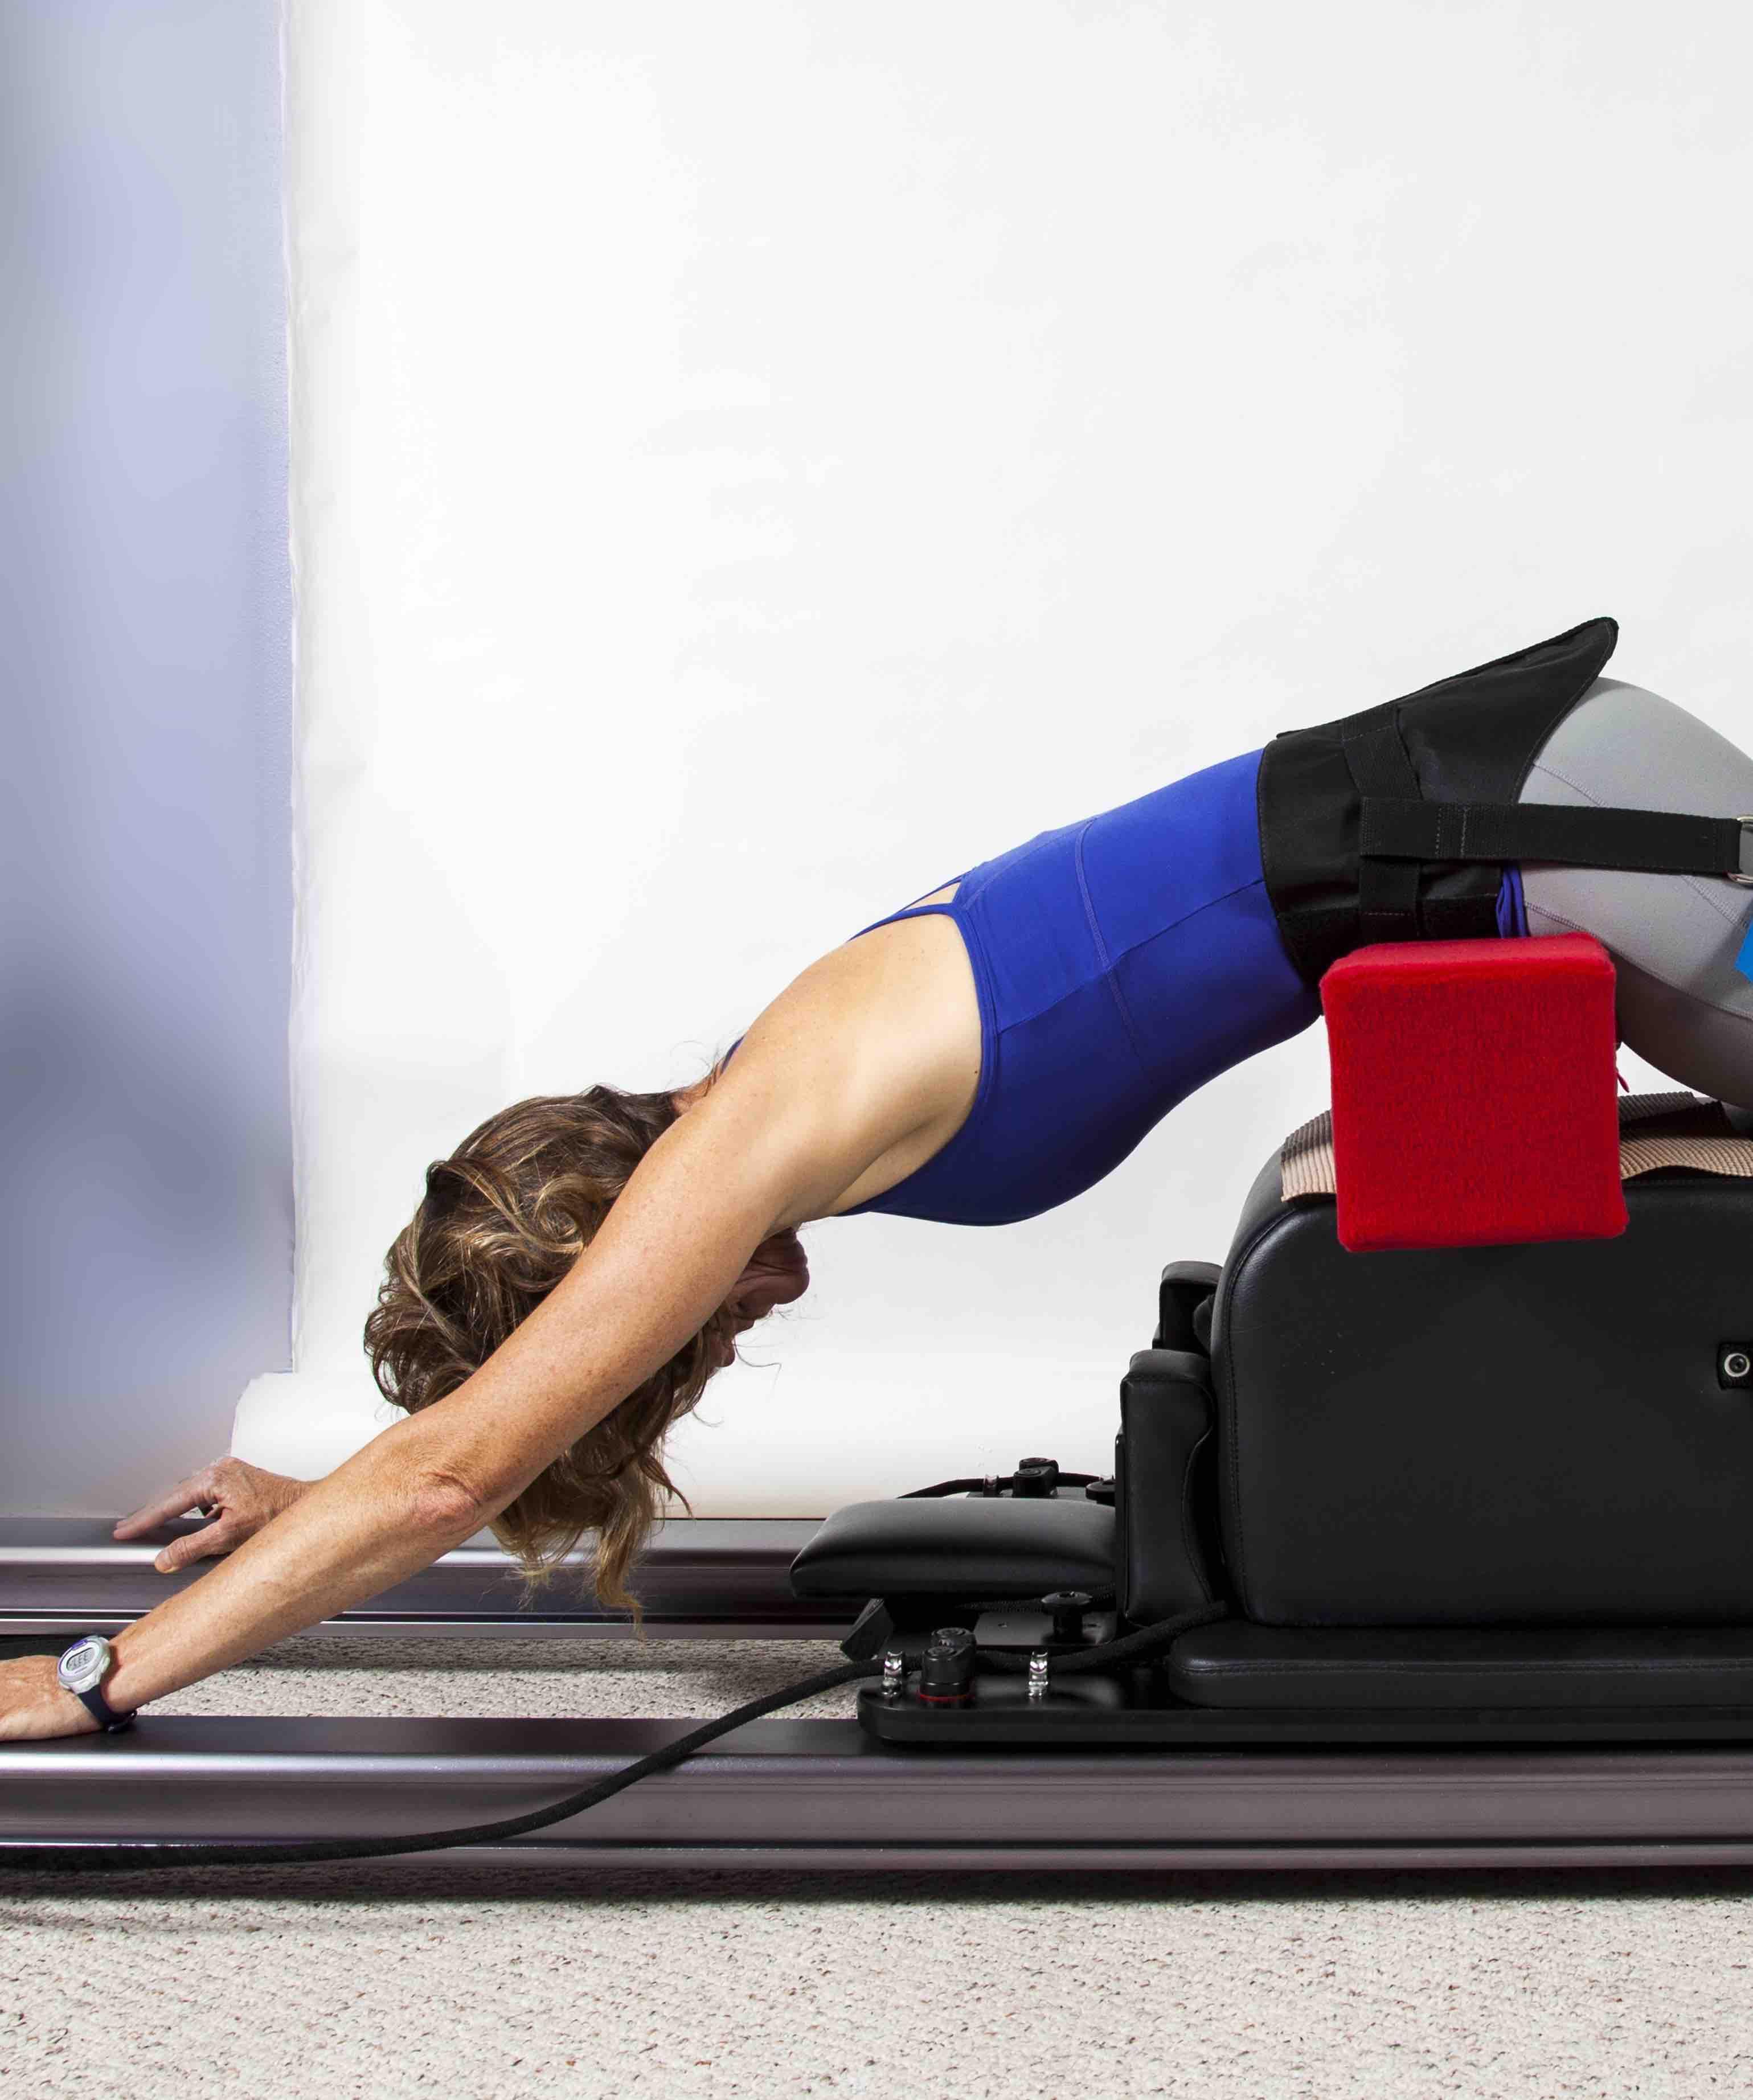 Scolio-Pilates author, Karena Thek performs an Inversion Exercise